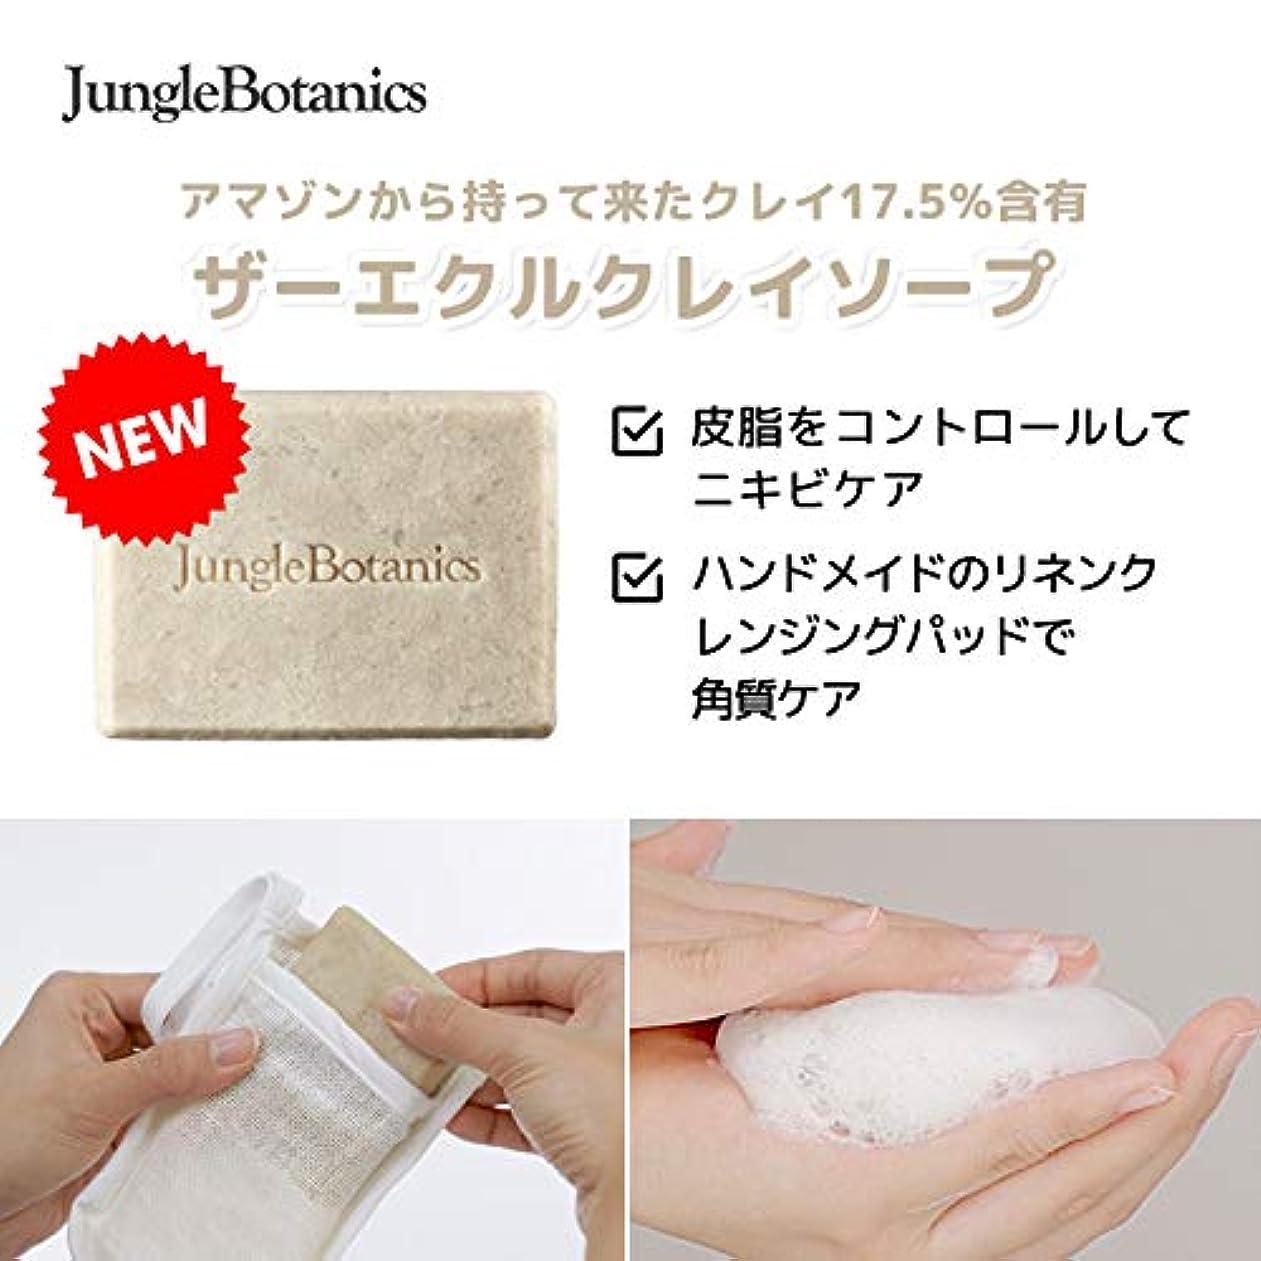 留まるから聞く違反する[JUNGLE BOTANICS] ザーエクルクレイソープ110g, [JUNGLE BOTANICS] The Ecru Clay Soap 110g [並行輸入品] …